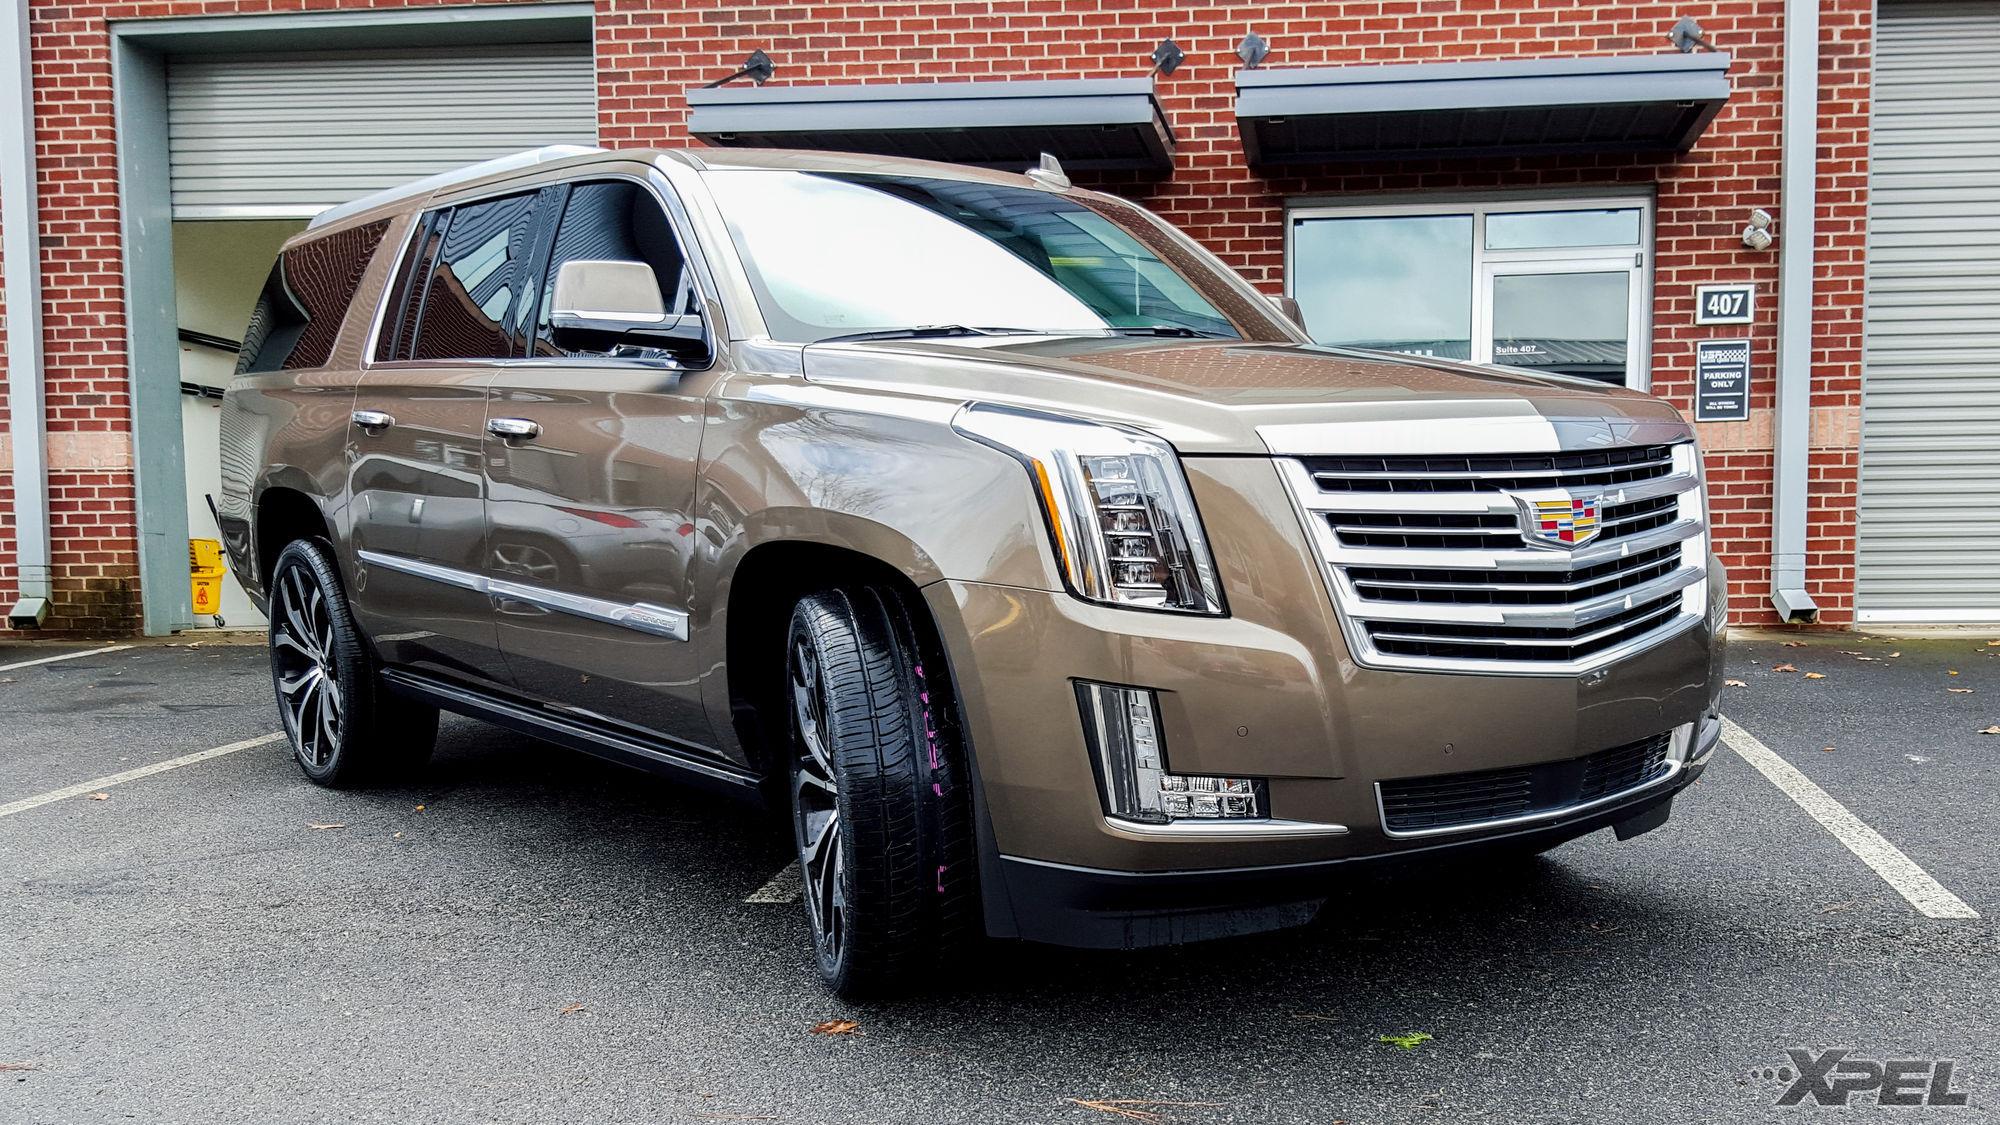 2016 Cadillac Escalade | Cadillac Escalade with XPEL ULTIMATE